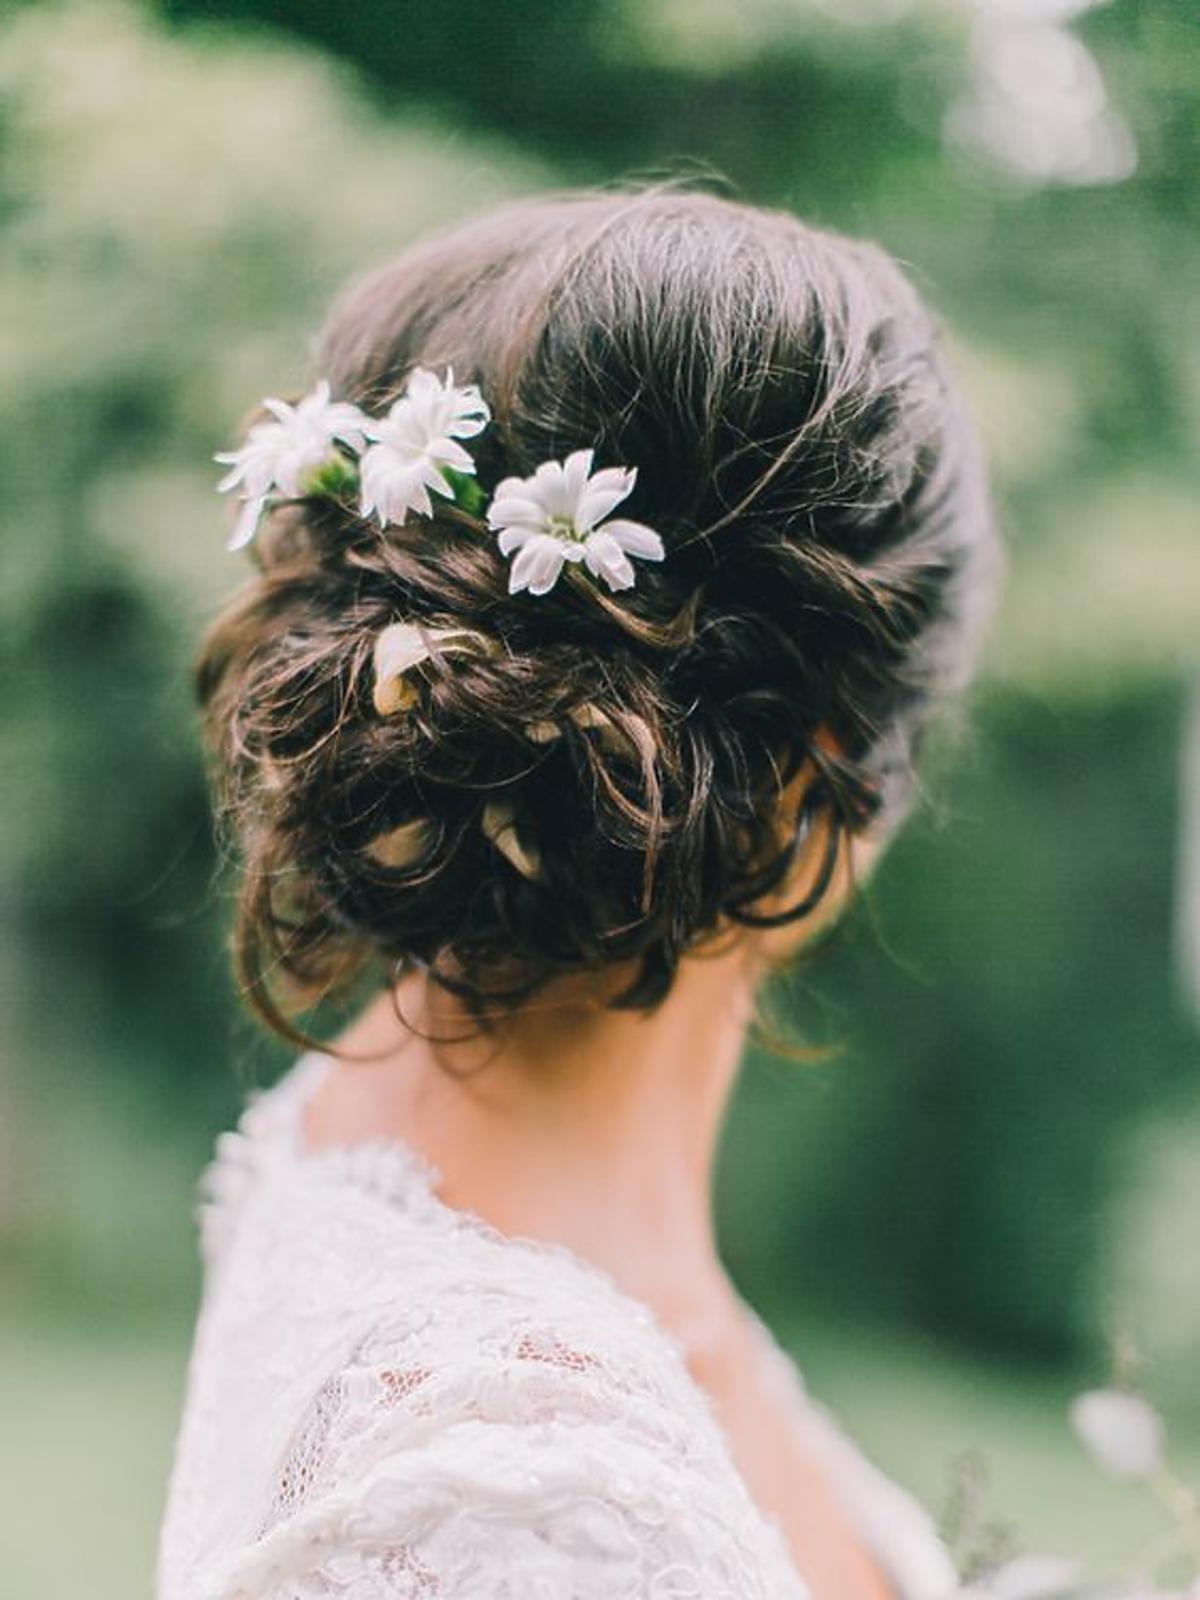 Fryzura z kwiatami we włosach